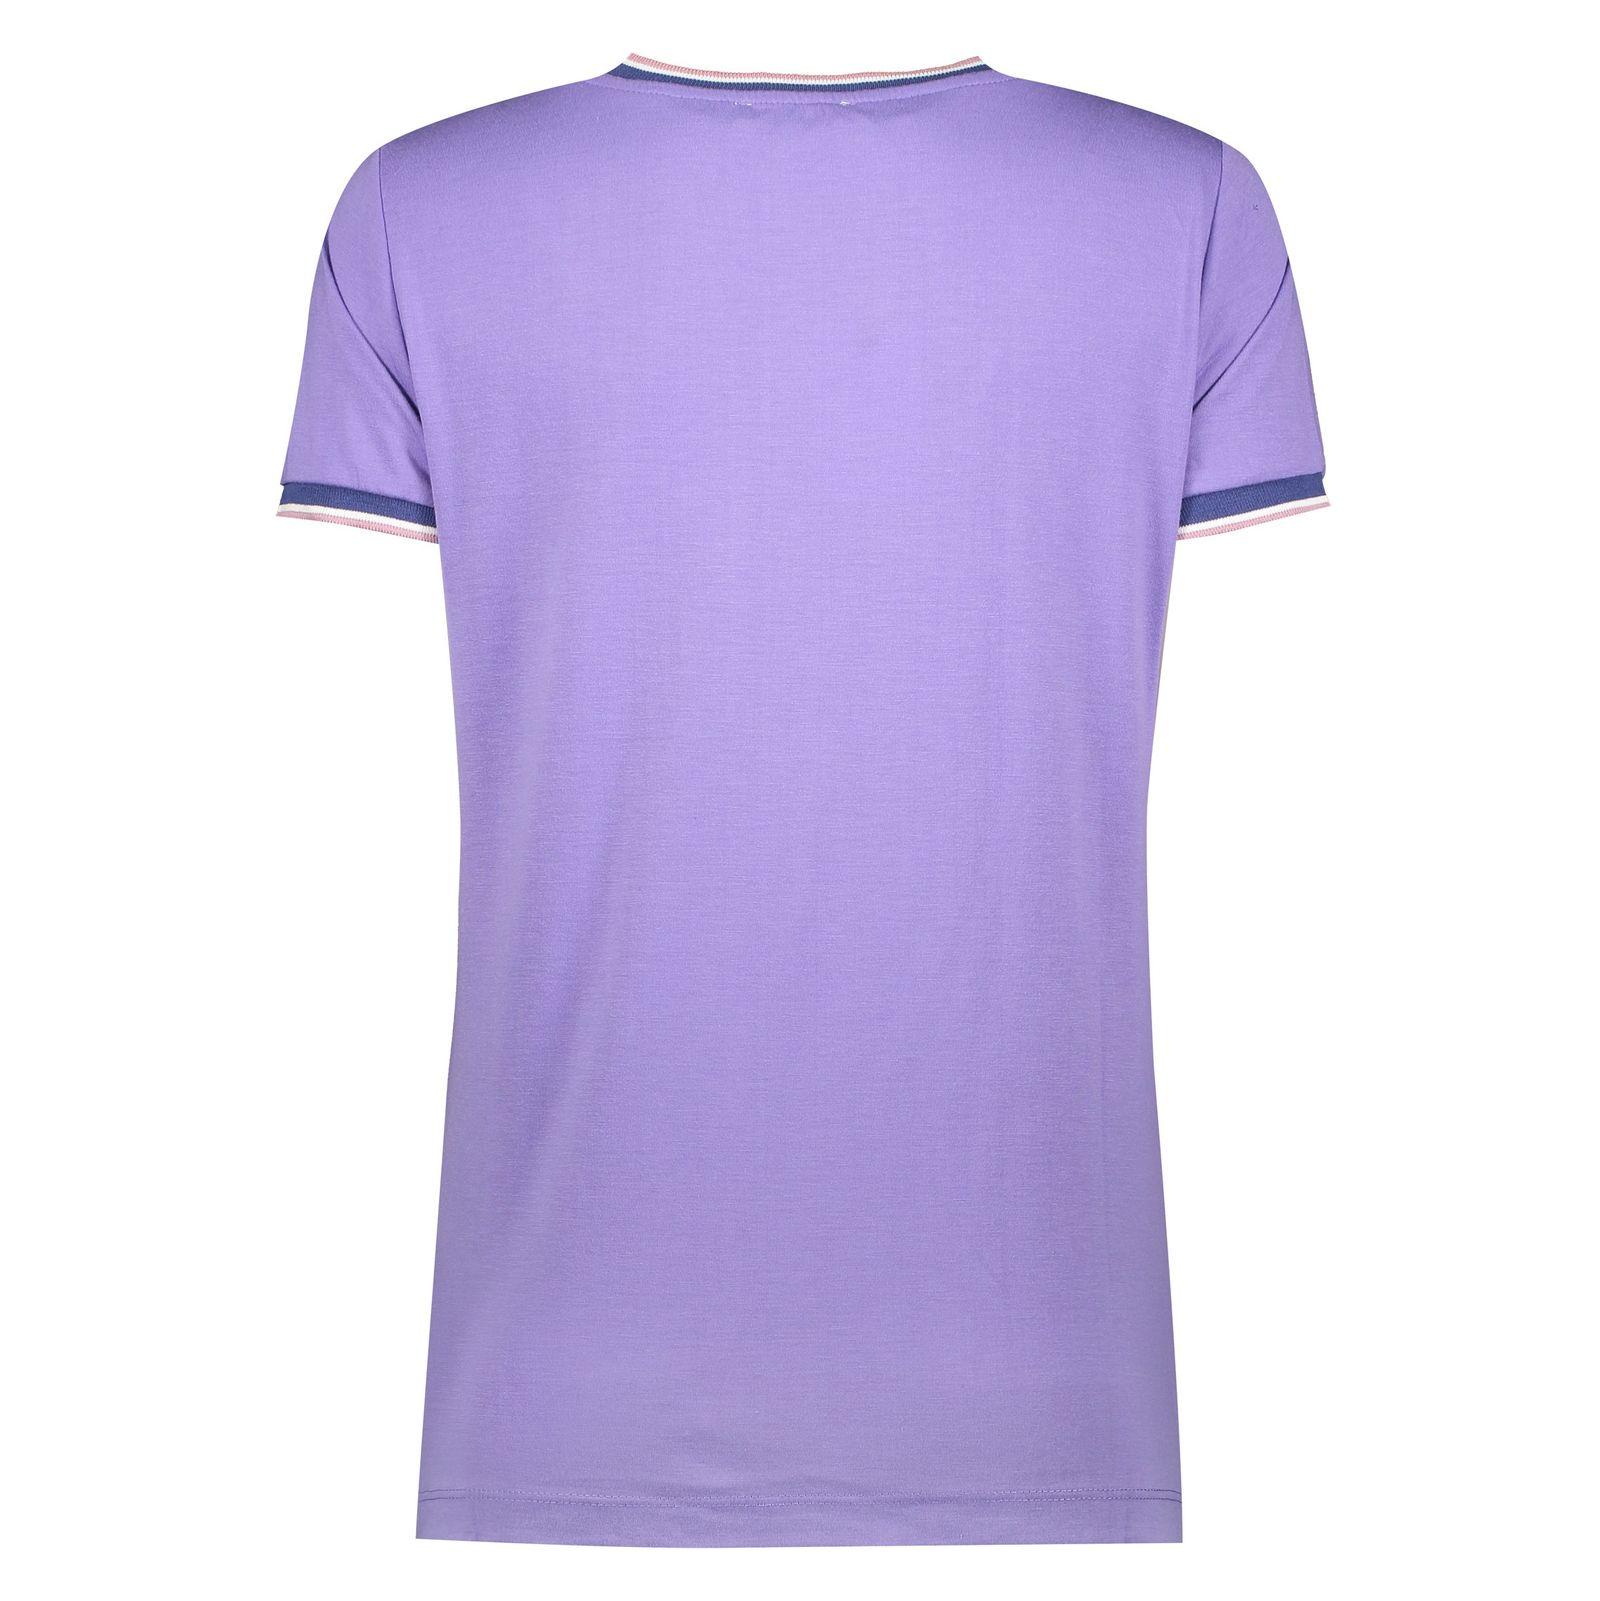 تی شرت زنانه یوپیم مدل 5116383 -  - 2